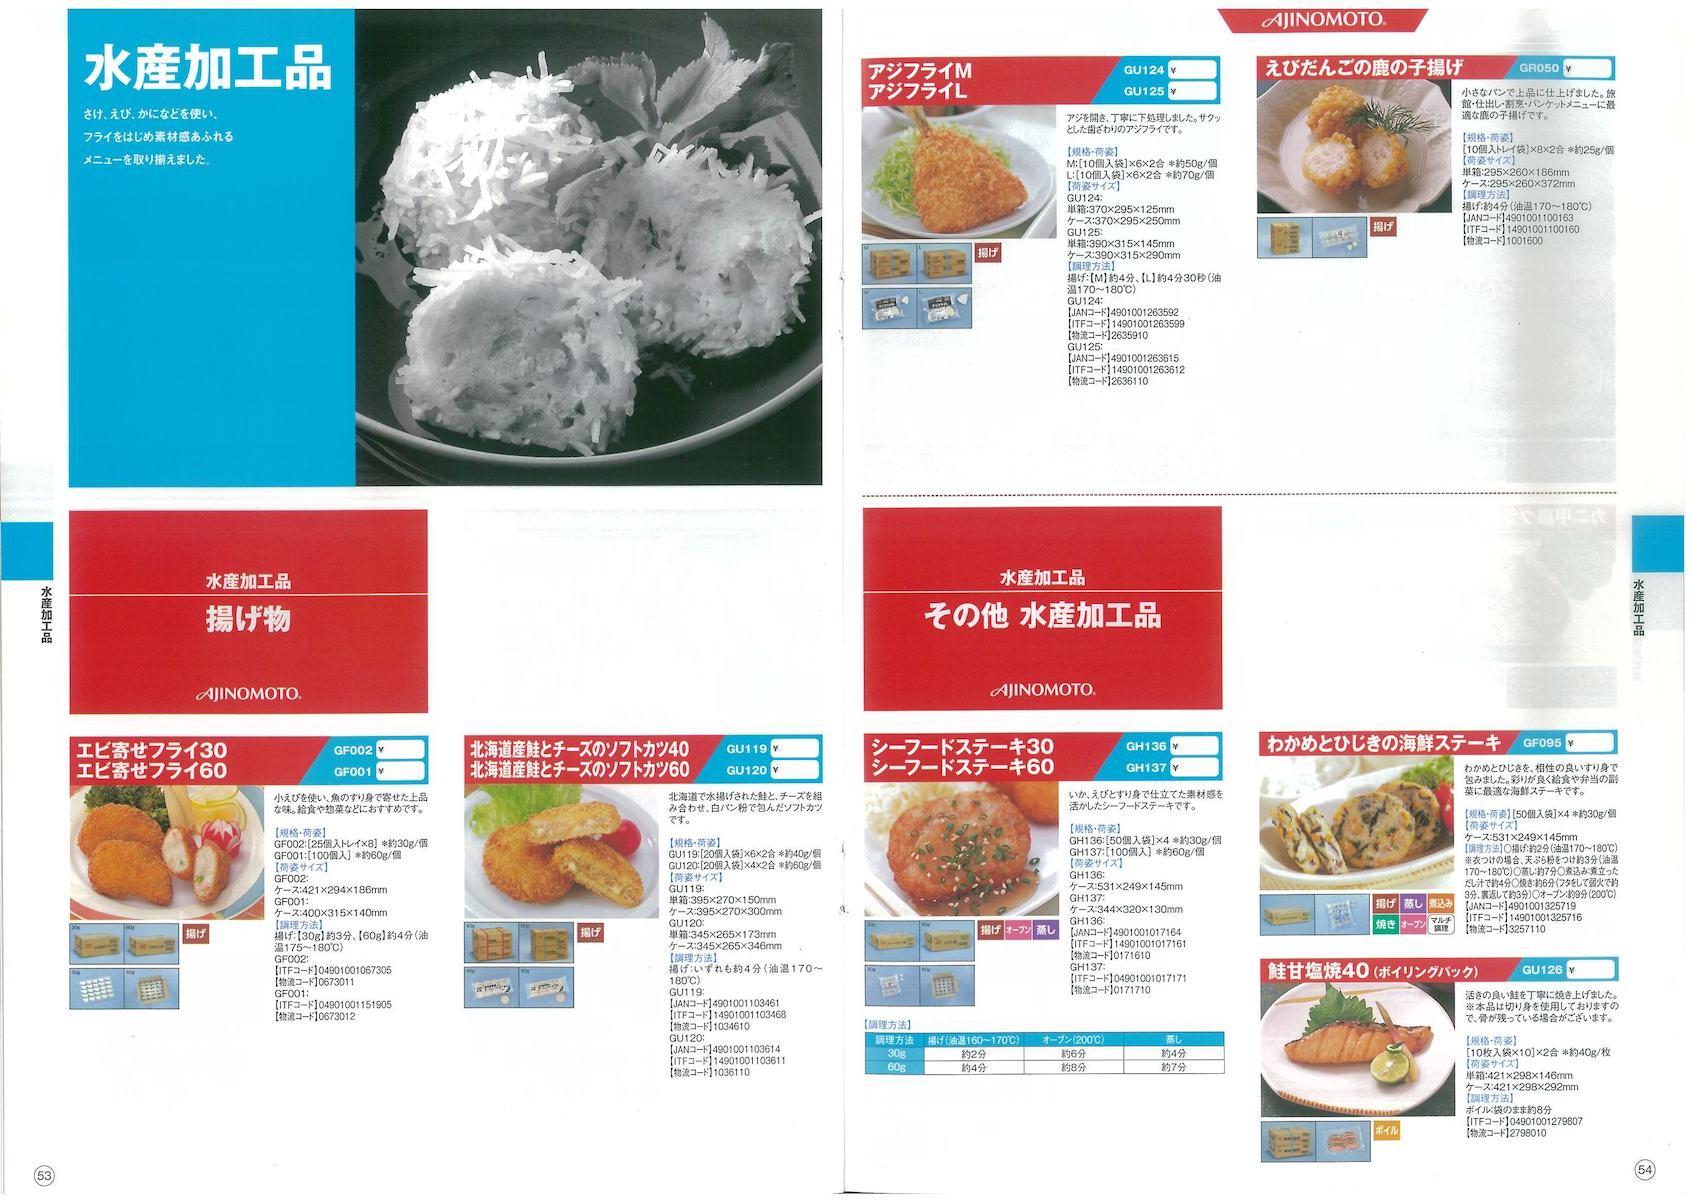 味の素冷凍食品 水産加工品 揚げ物 エビ寄せフライ30 エビ寄せフライ60 北海道産鮭とチーズのソフトカツ40 北海道産鮭とチーズのソフトカツ60 アジフライM アジフライL えびだんごの鹿の子揚げ その他 水産加工品 シーフードステーキ30 シーフードステーキ60 わかめとひじきの海鮮ステーキ 鮭甘塩焼40(ボイリングパック)